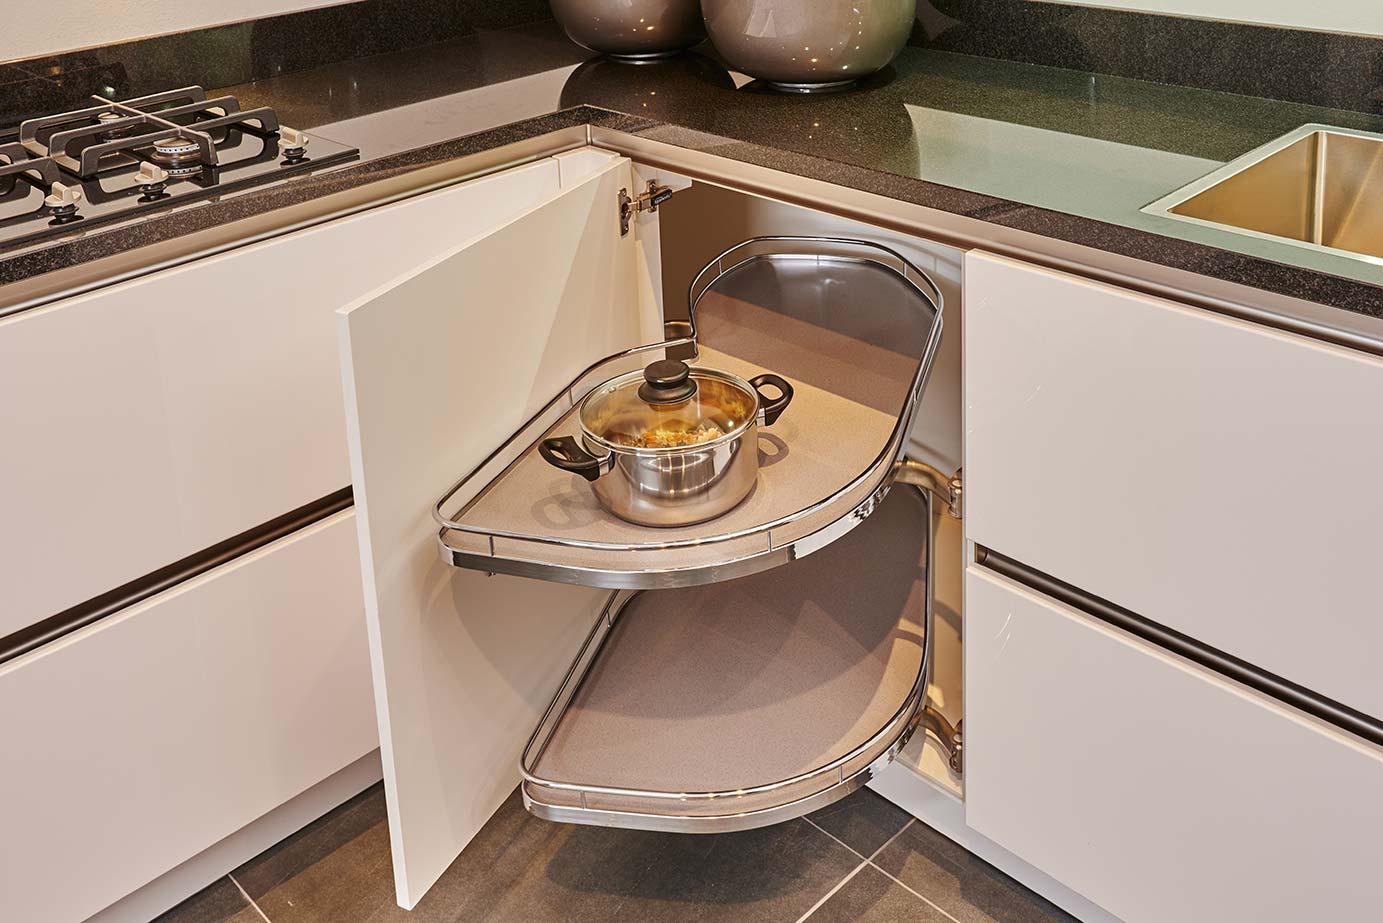 Keuken Ontwerpen Tips : Keuken ontwerpen – idee?n in 3D